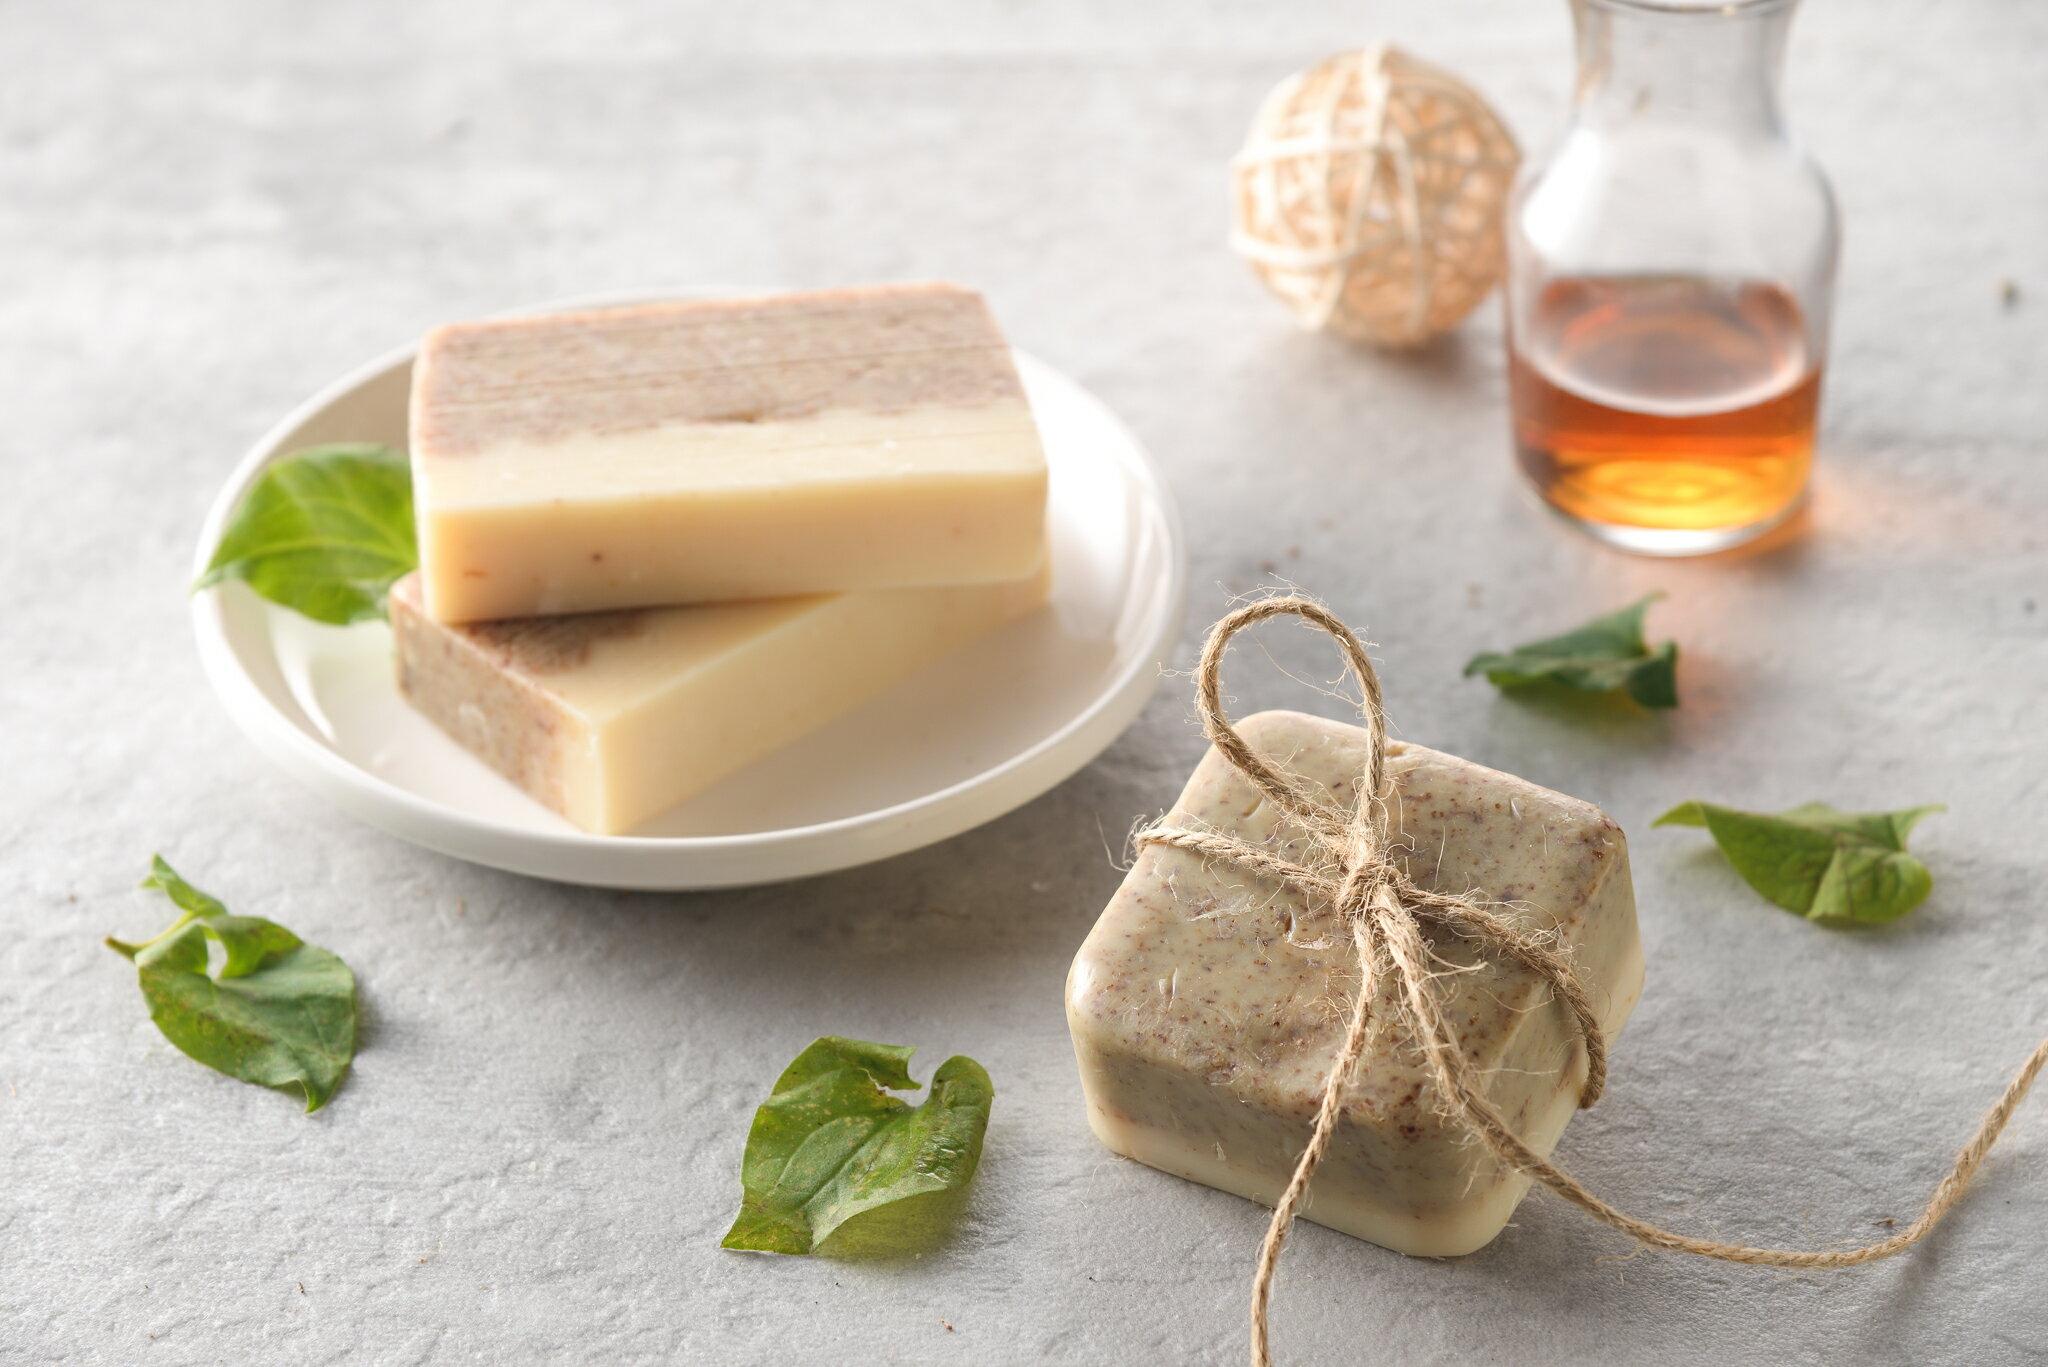 魚腥草皂  3入禮盒裝/2入.4入麻袋裝 香皂/肥皂/手工皂/沐浴/清潔